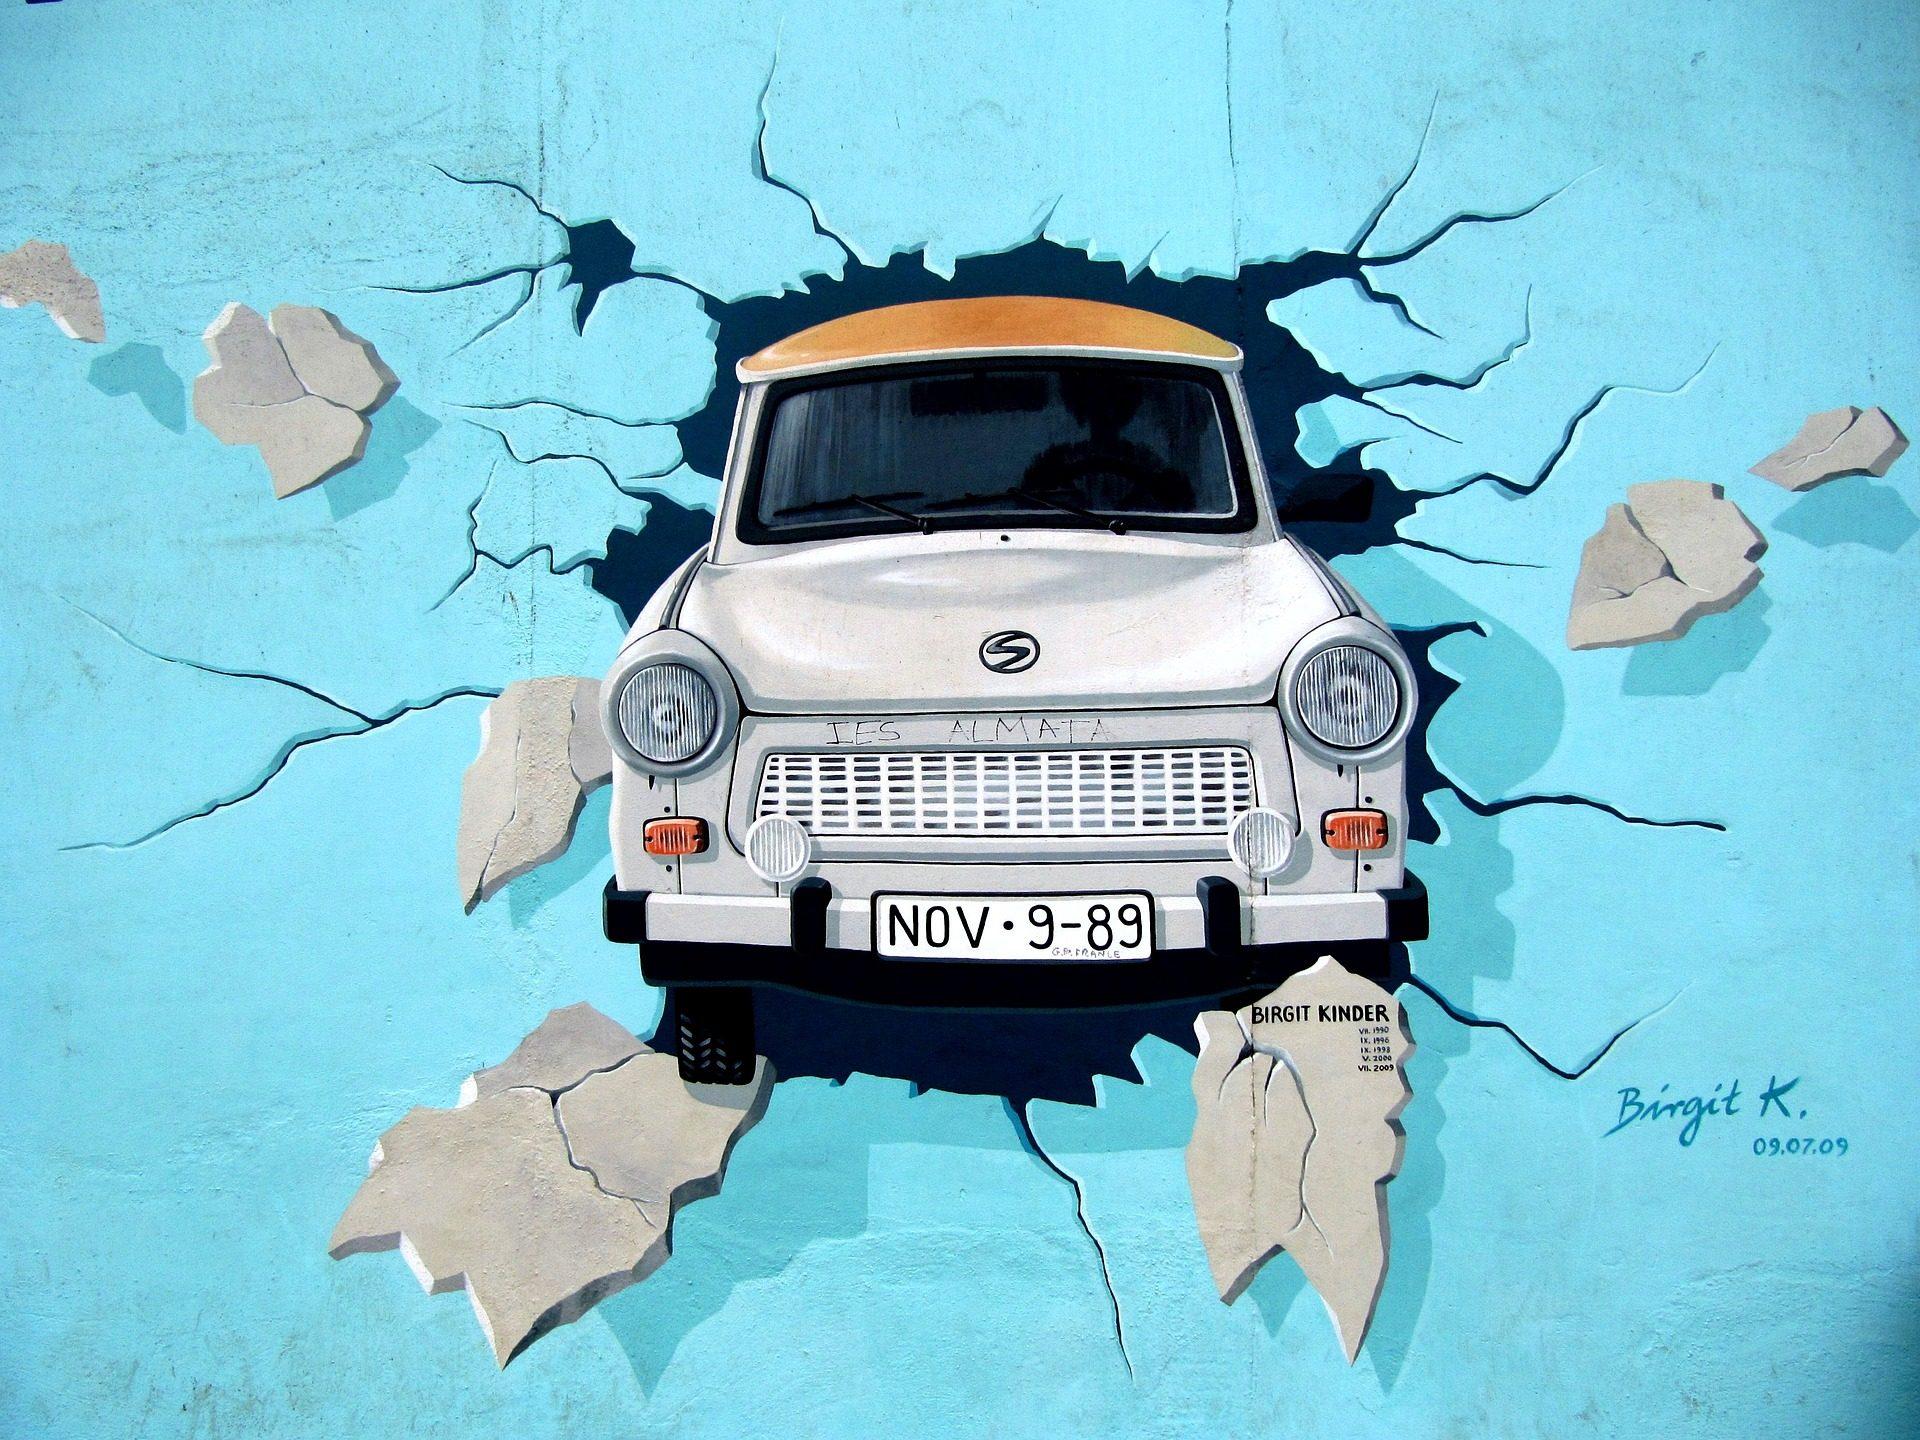 落書き, muro, berlín, 車, pa壁 HD の壁紙 - 教授-falken.com